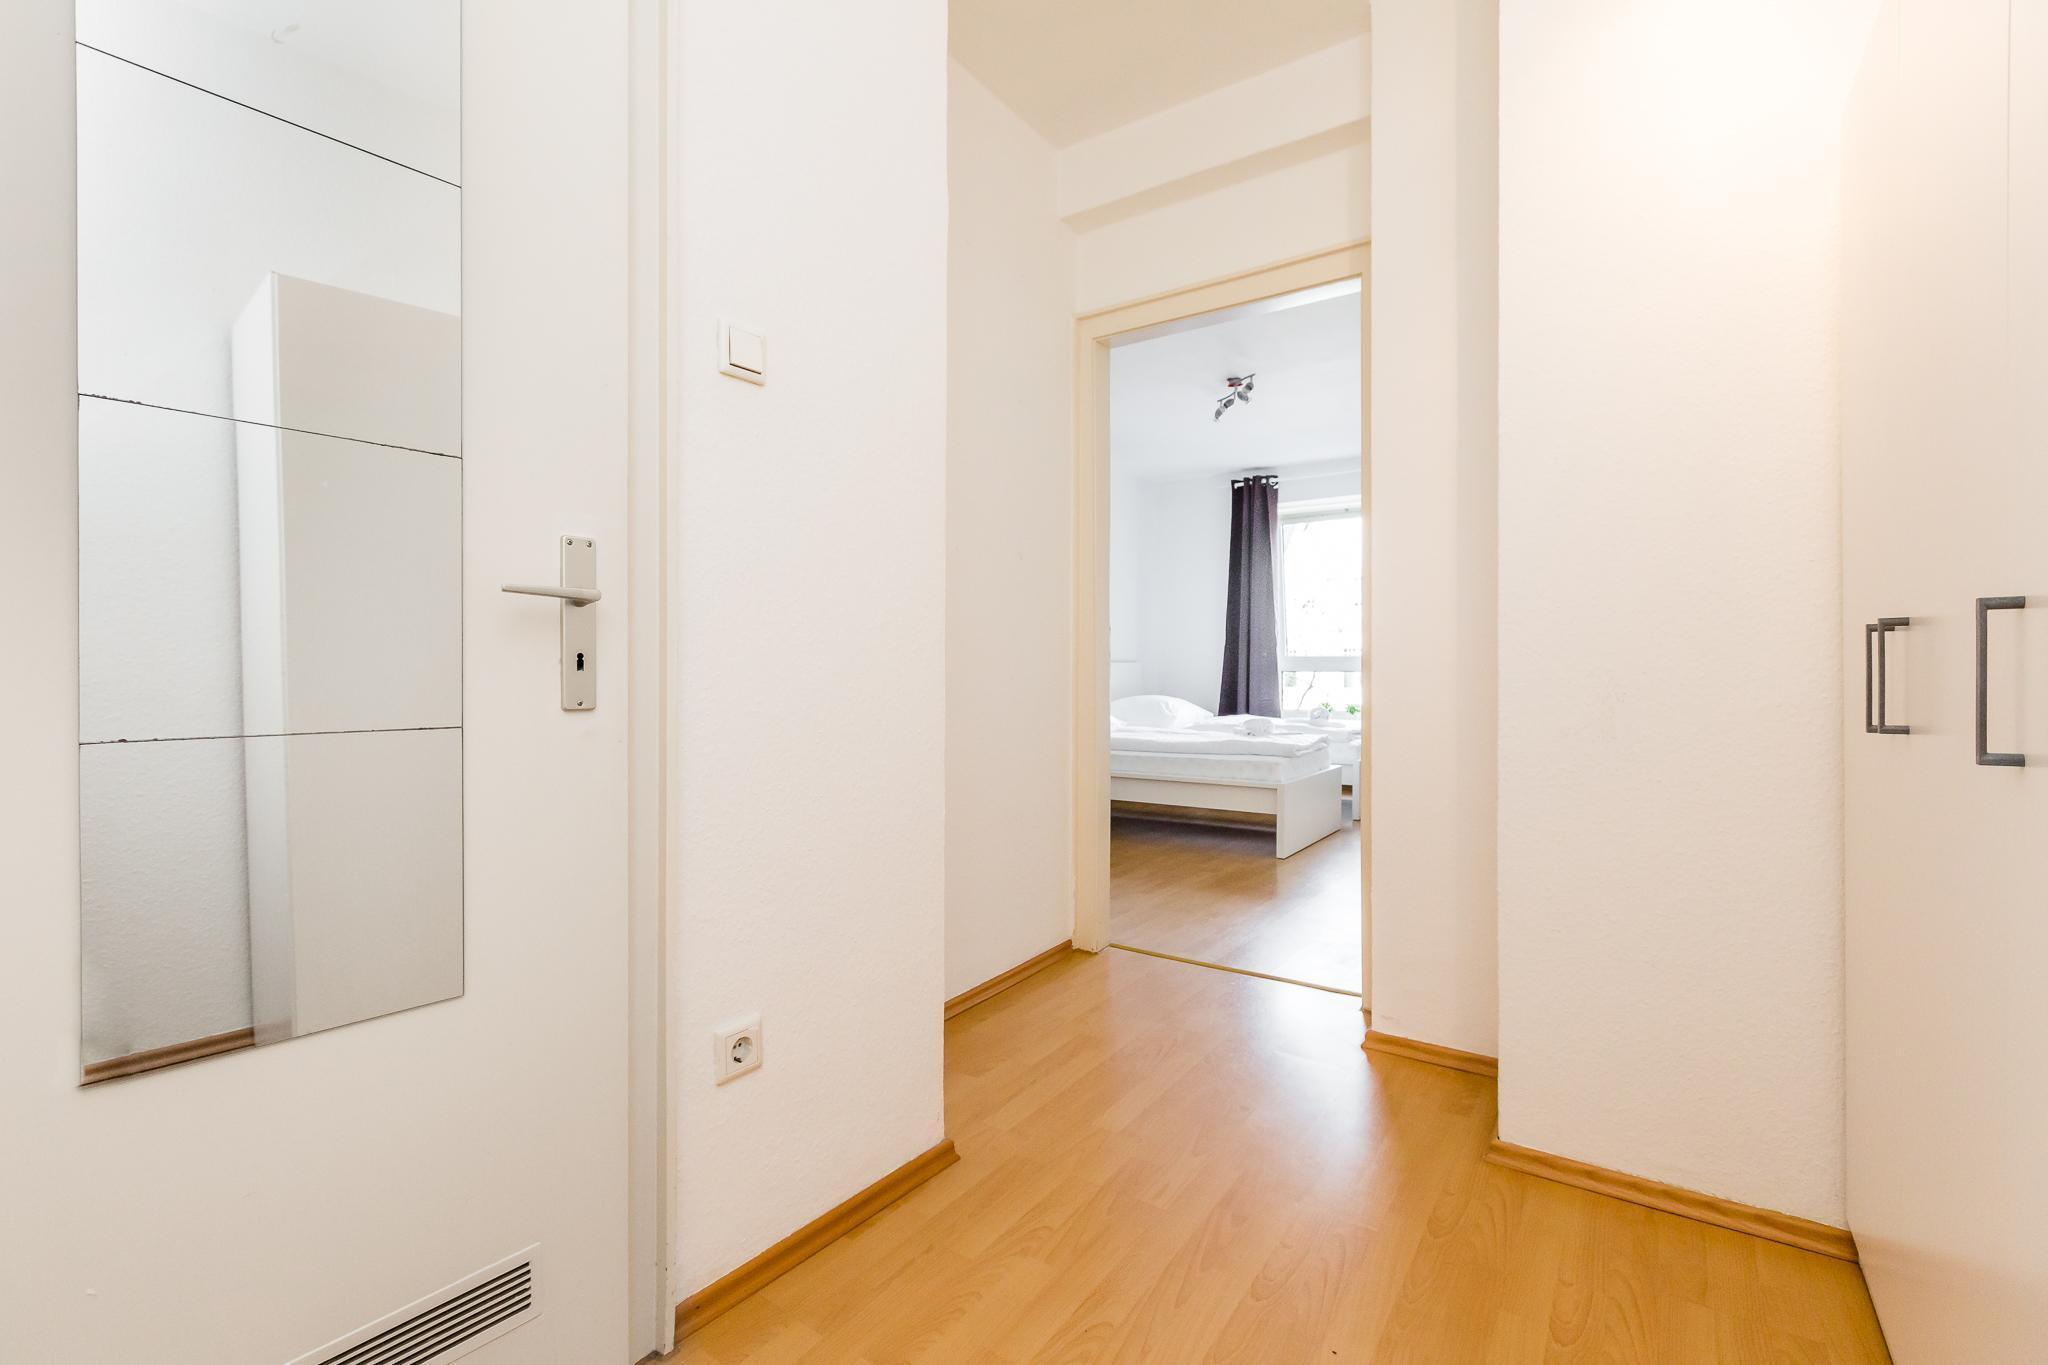 D02 Apartment In Duesseldorf